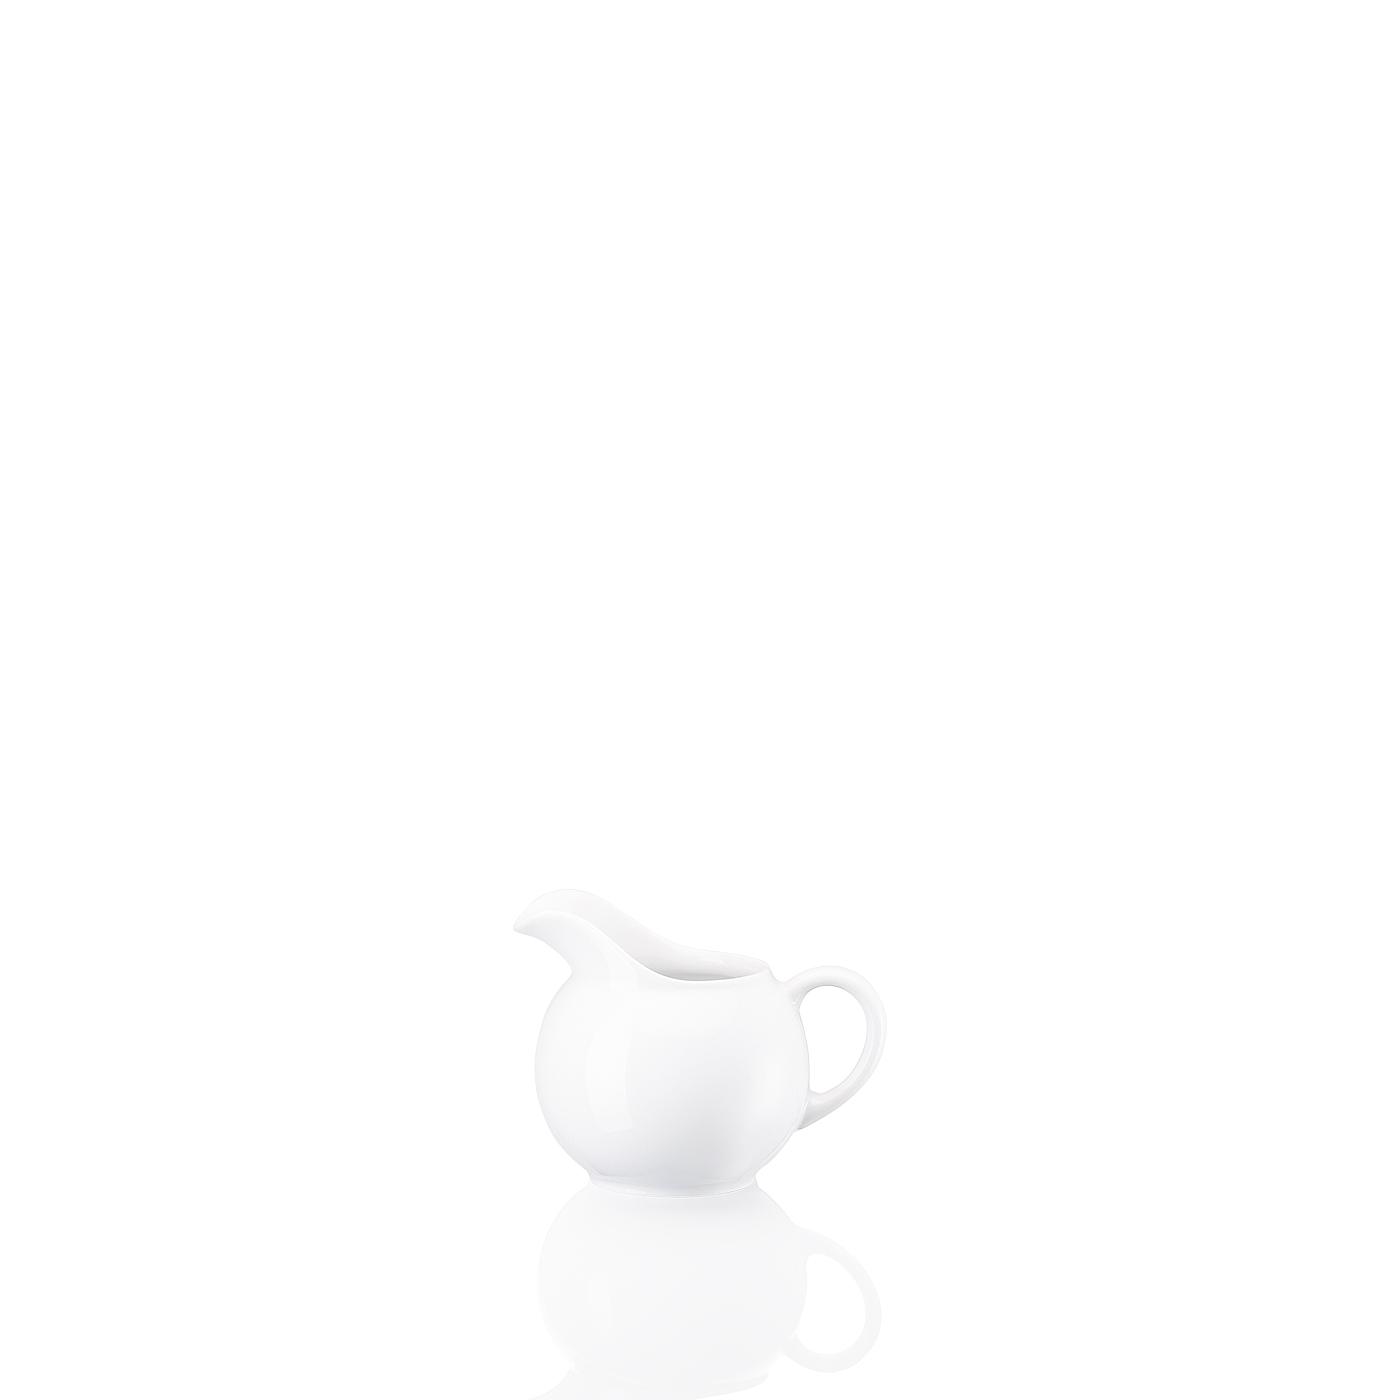 Milchkännchen 6 P. Form 1382 Weiss Arzberg